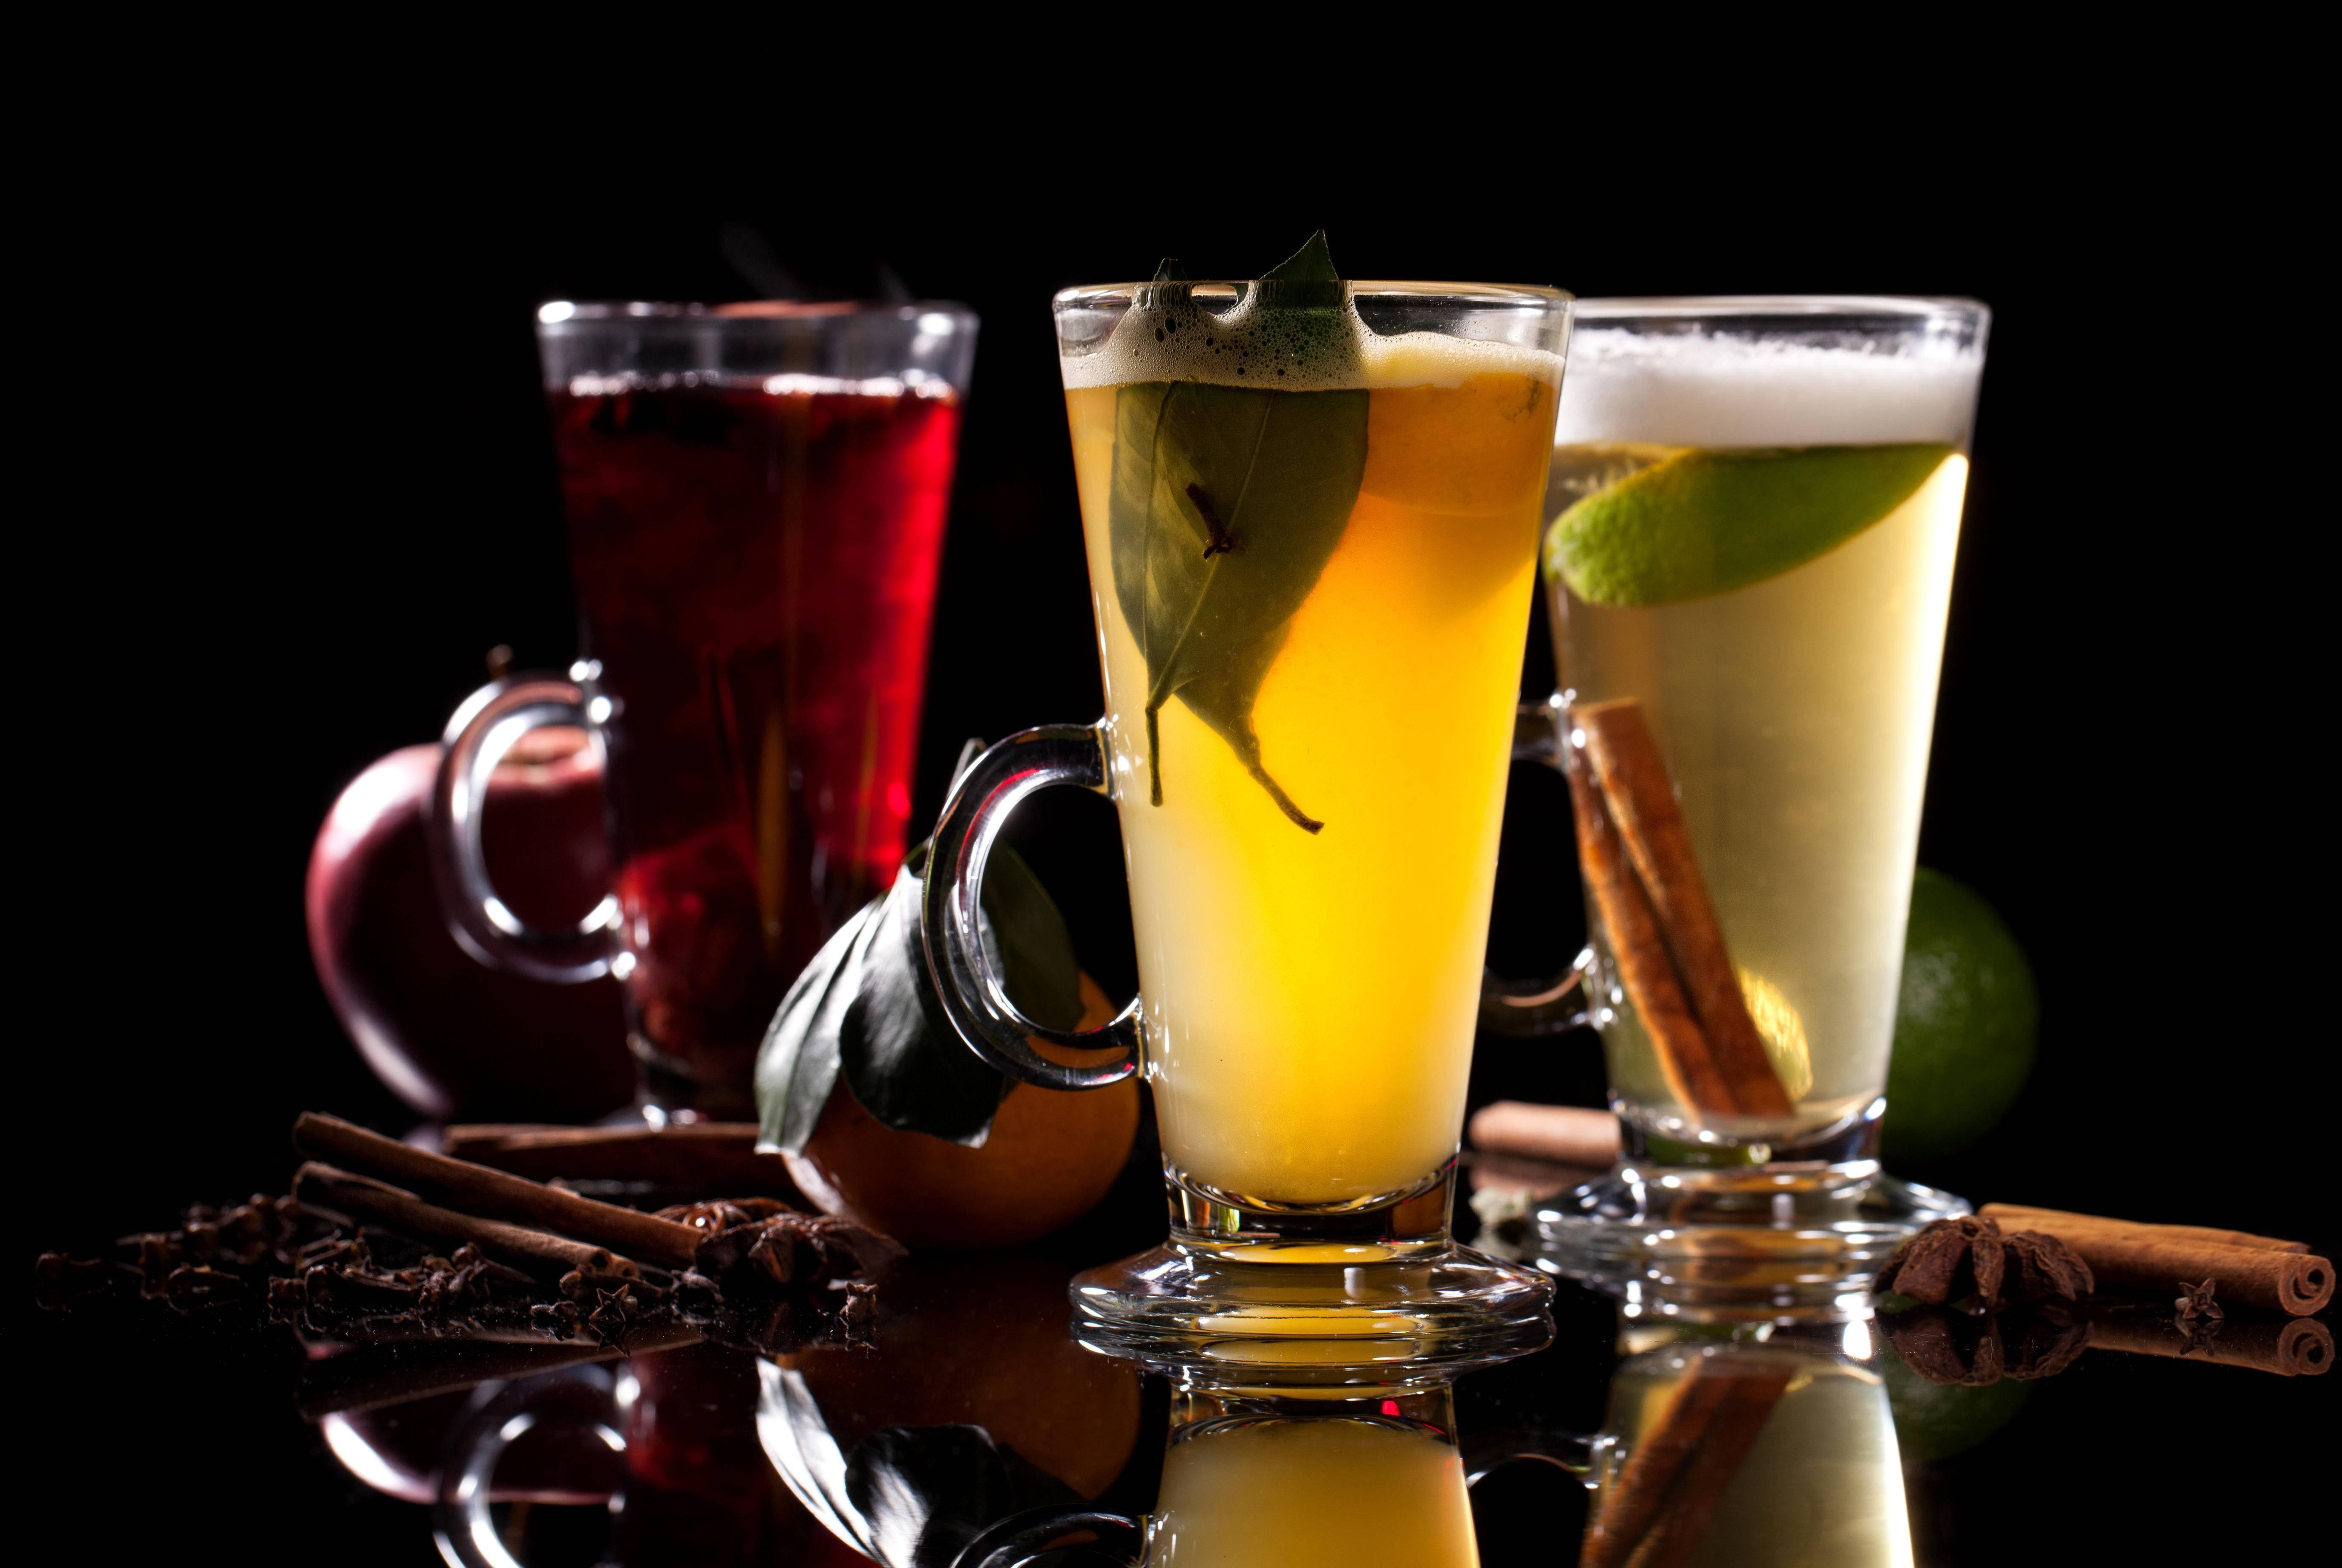 Рецепты приготовления горячих алкогольных напитков